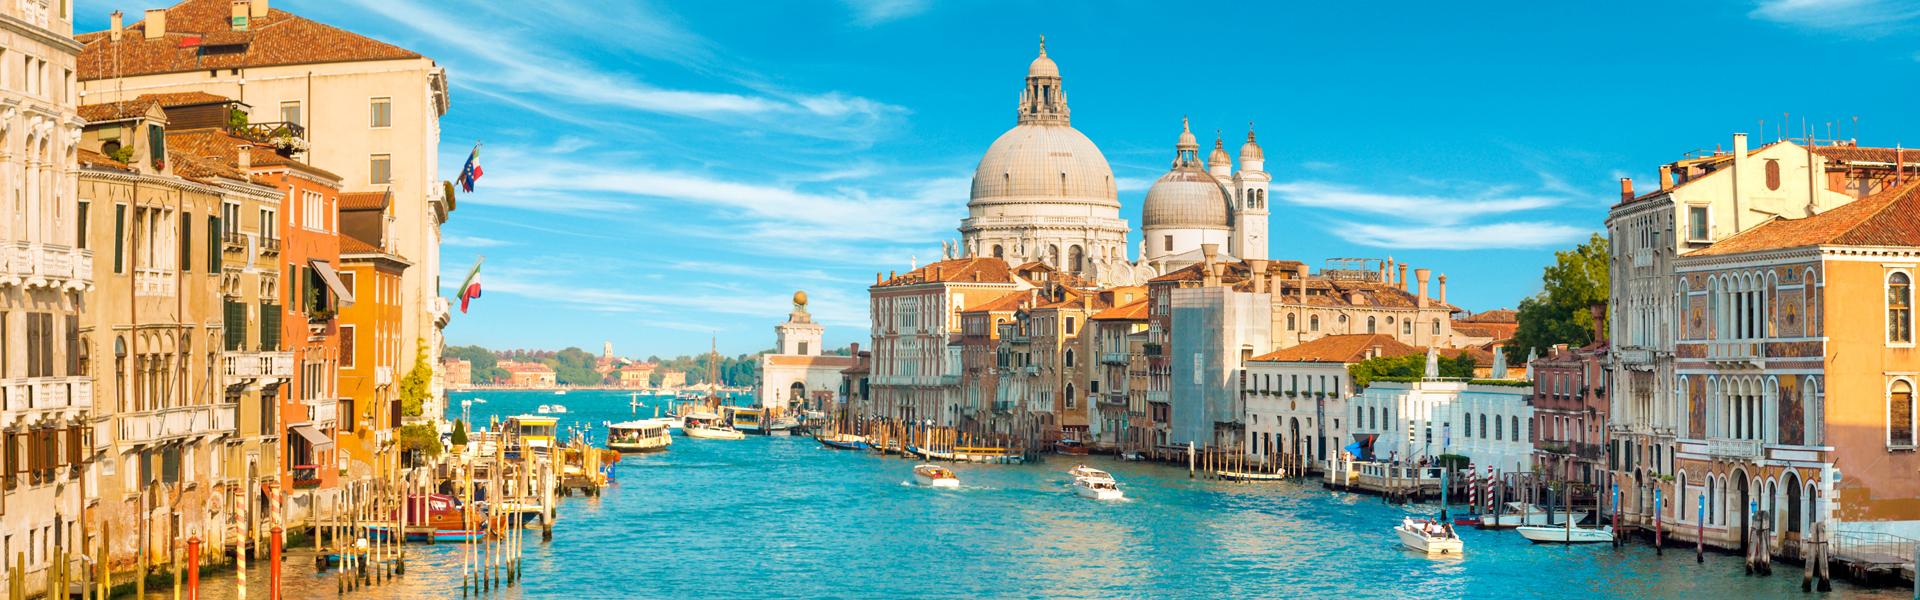 italia y combinados